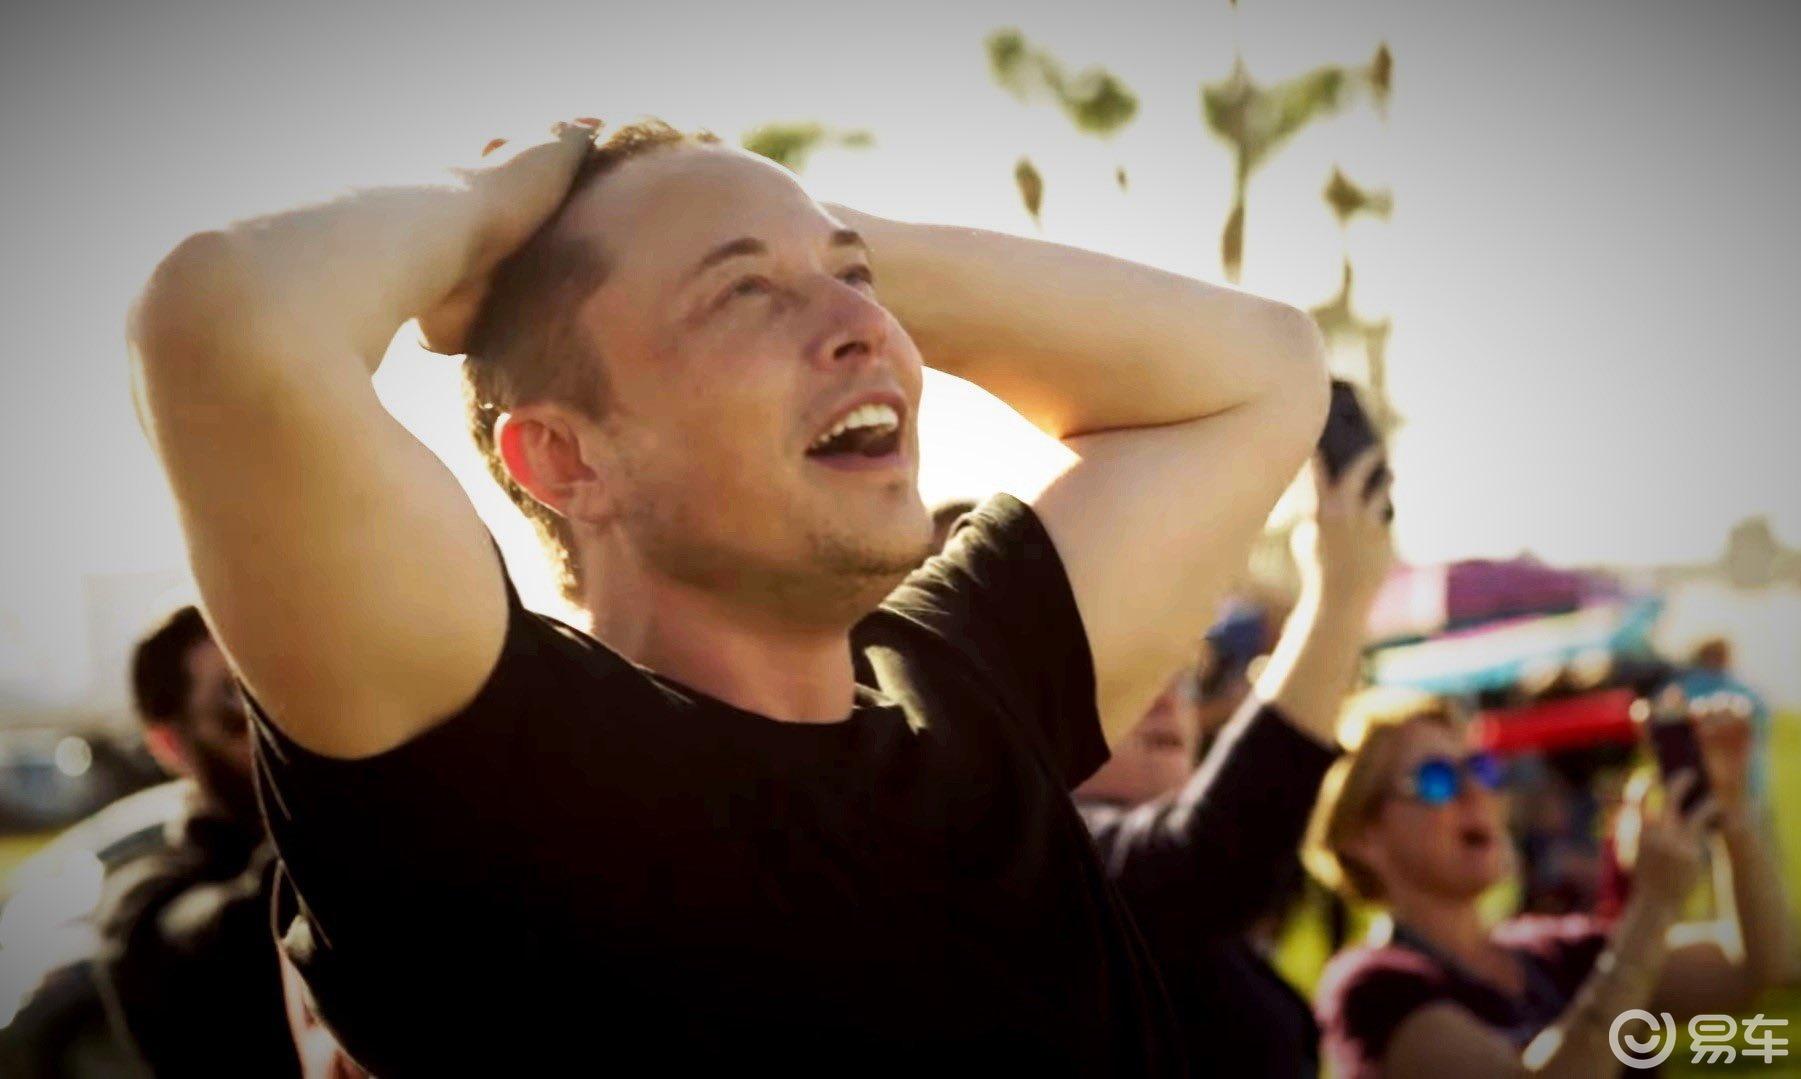 马斯克用龙飞船给Model X打广告,不料却被抢了风头?